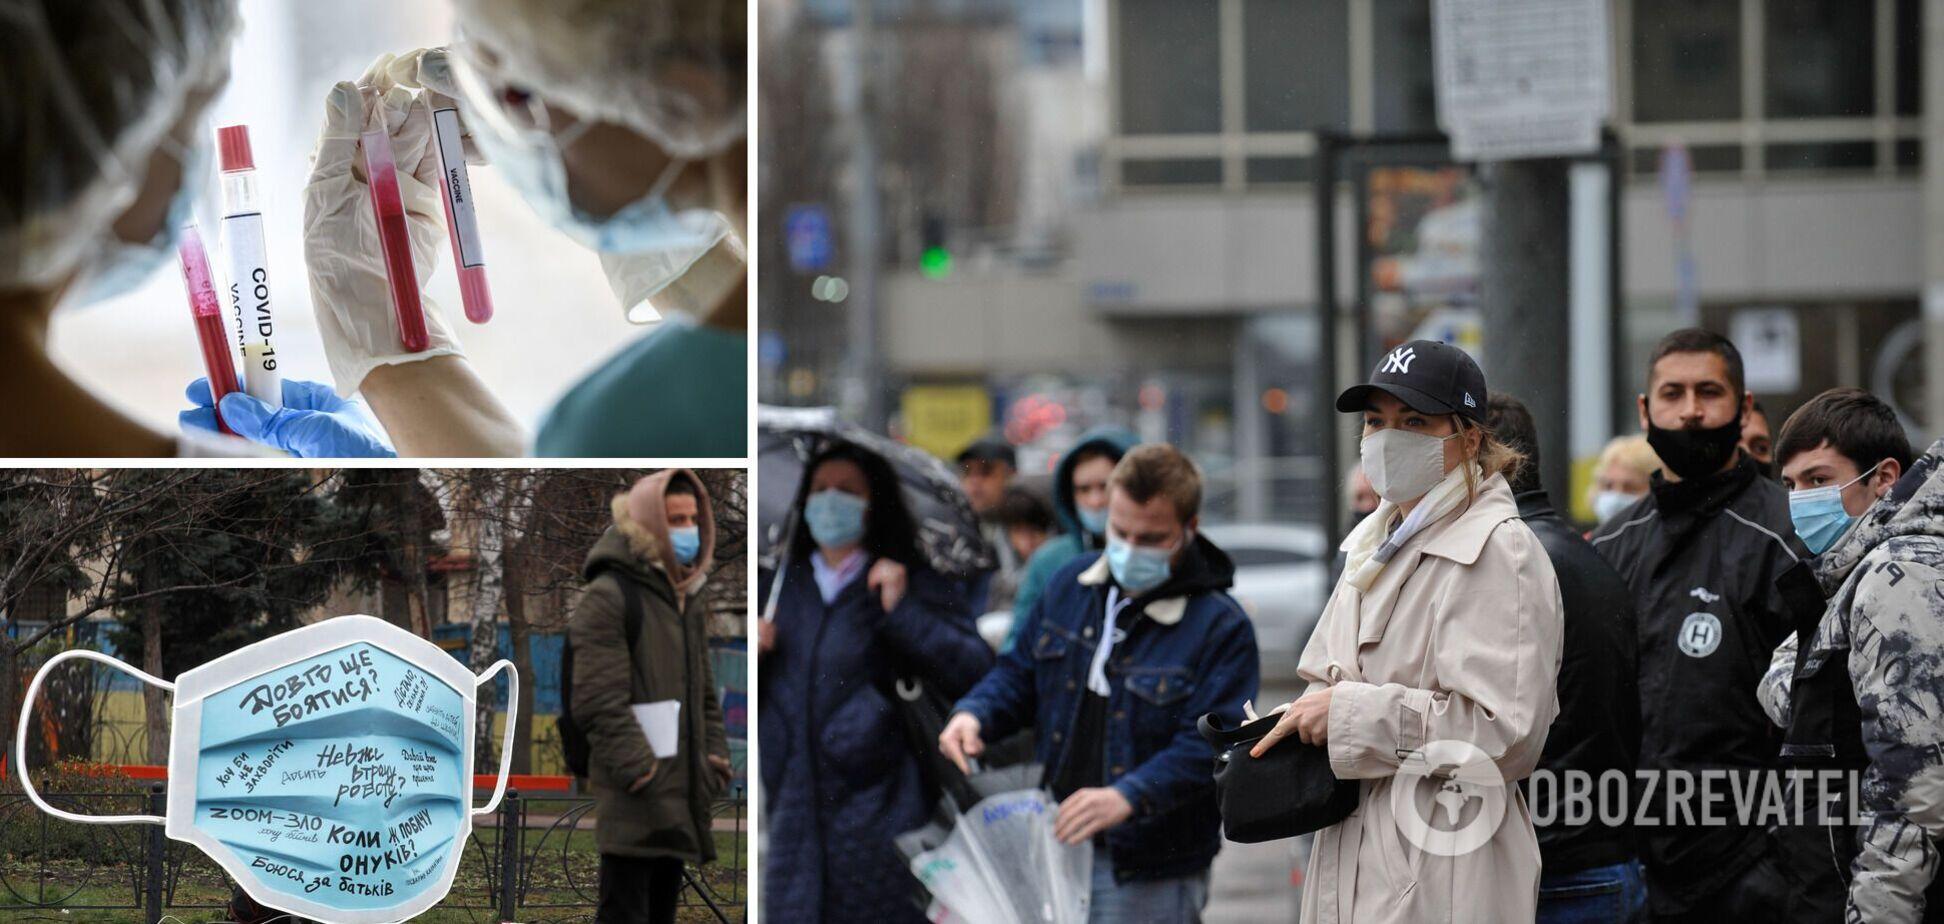 Епідемія коронавірусу в Україні може стабілізуватися всередині квітня